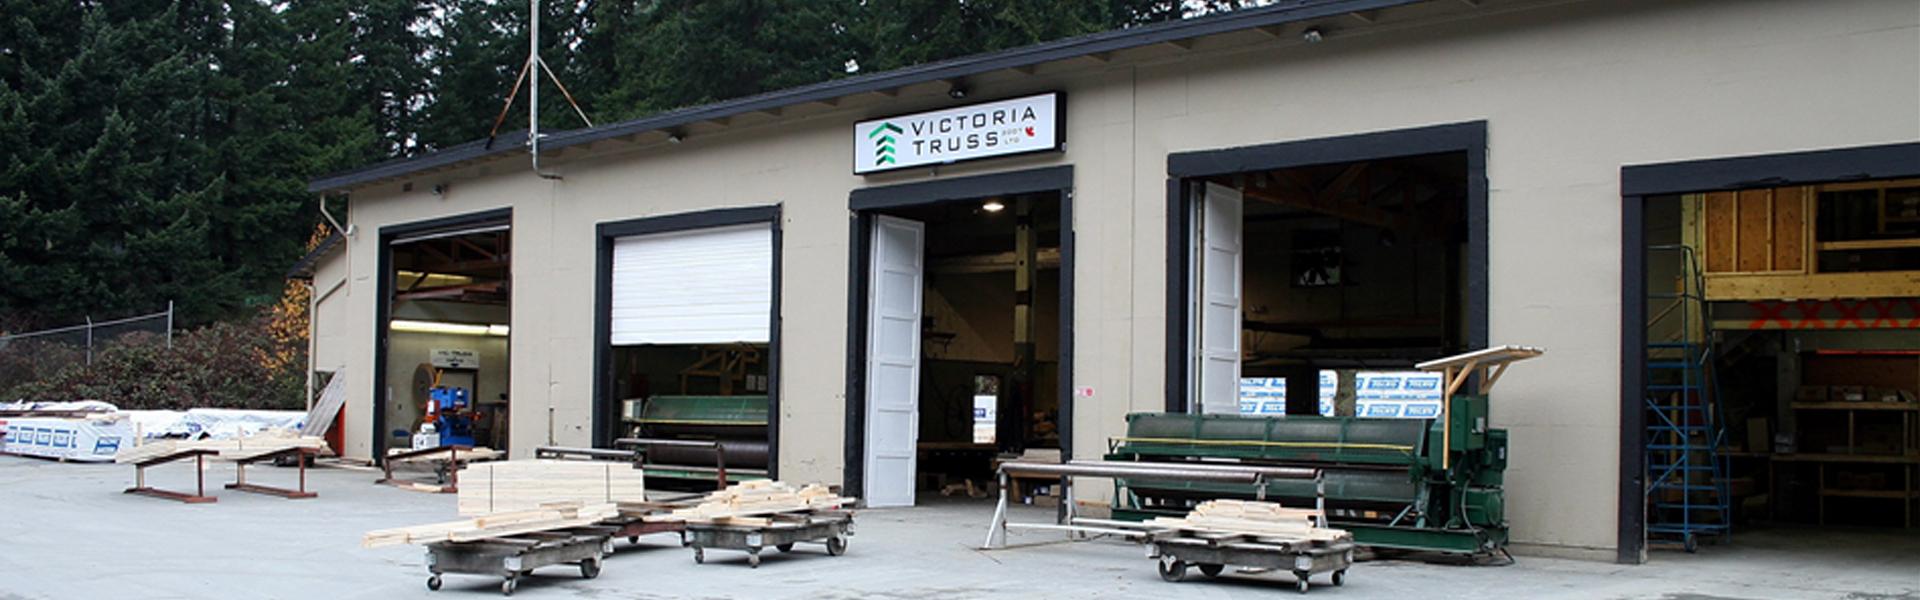 Victoria-Truss-Ltd